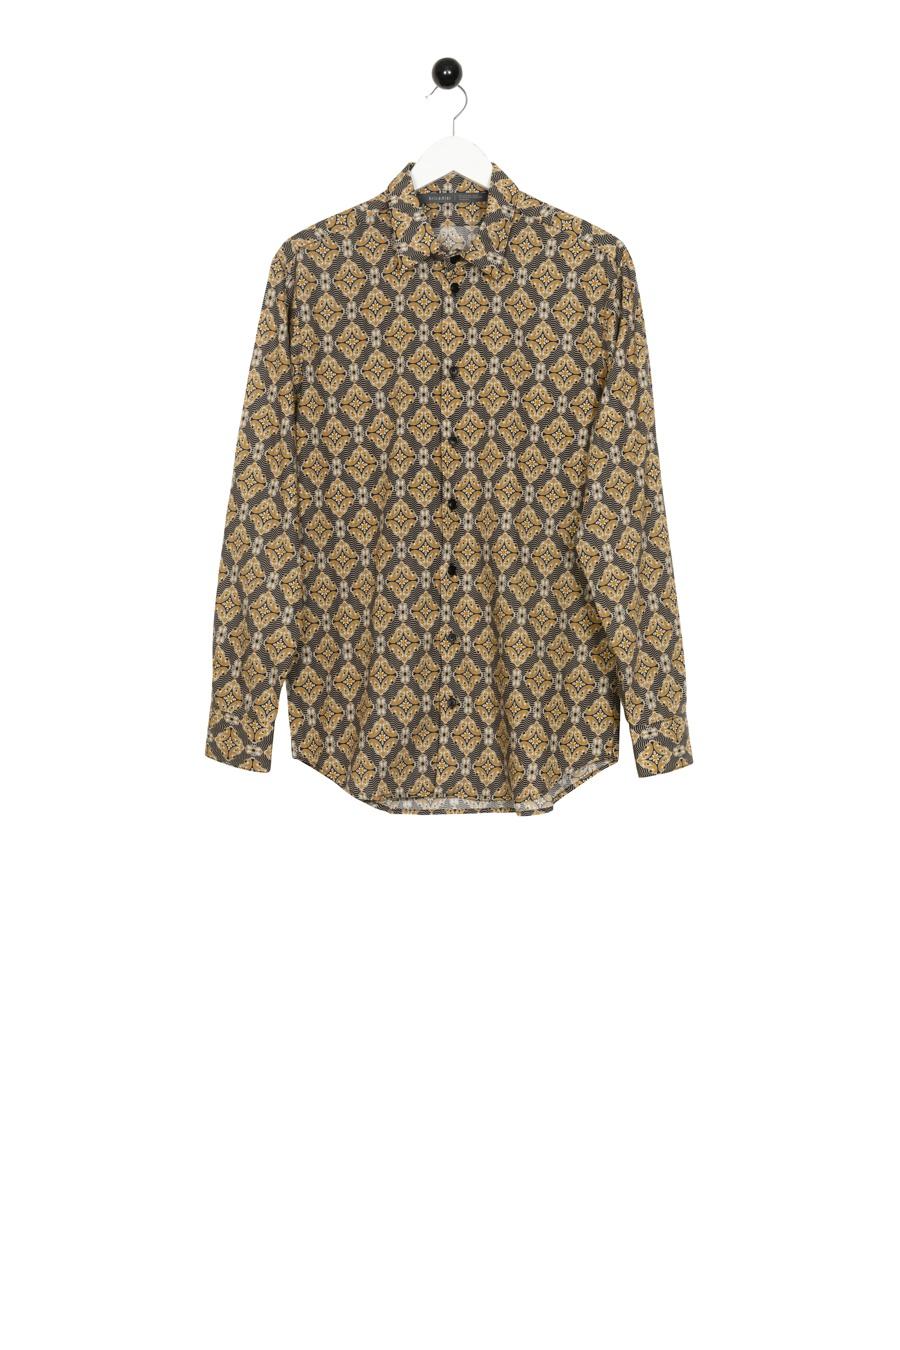 Stureby Shirt